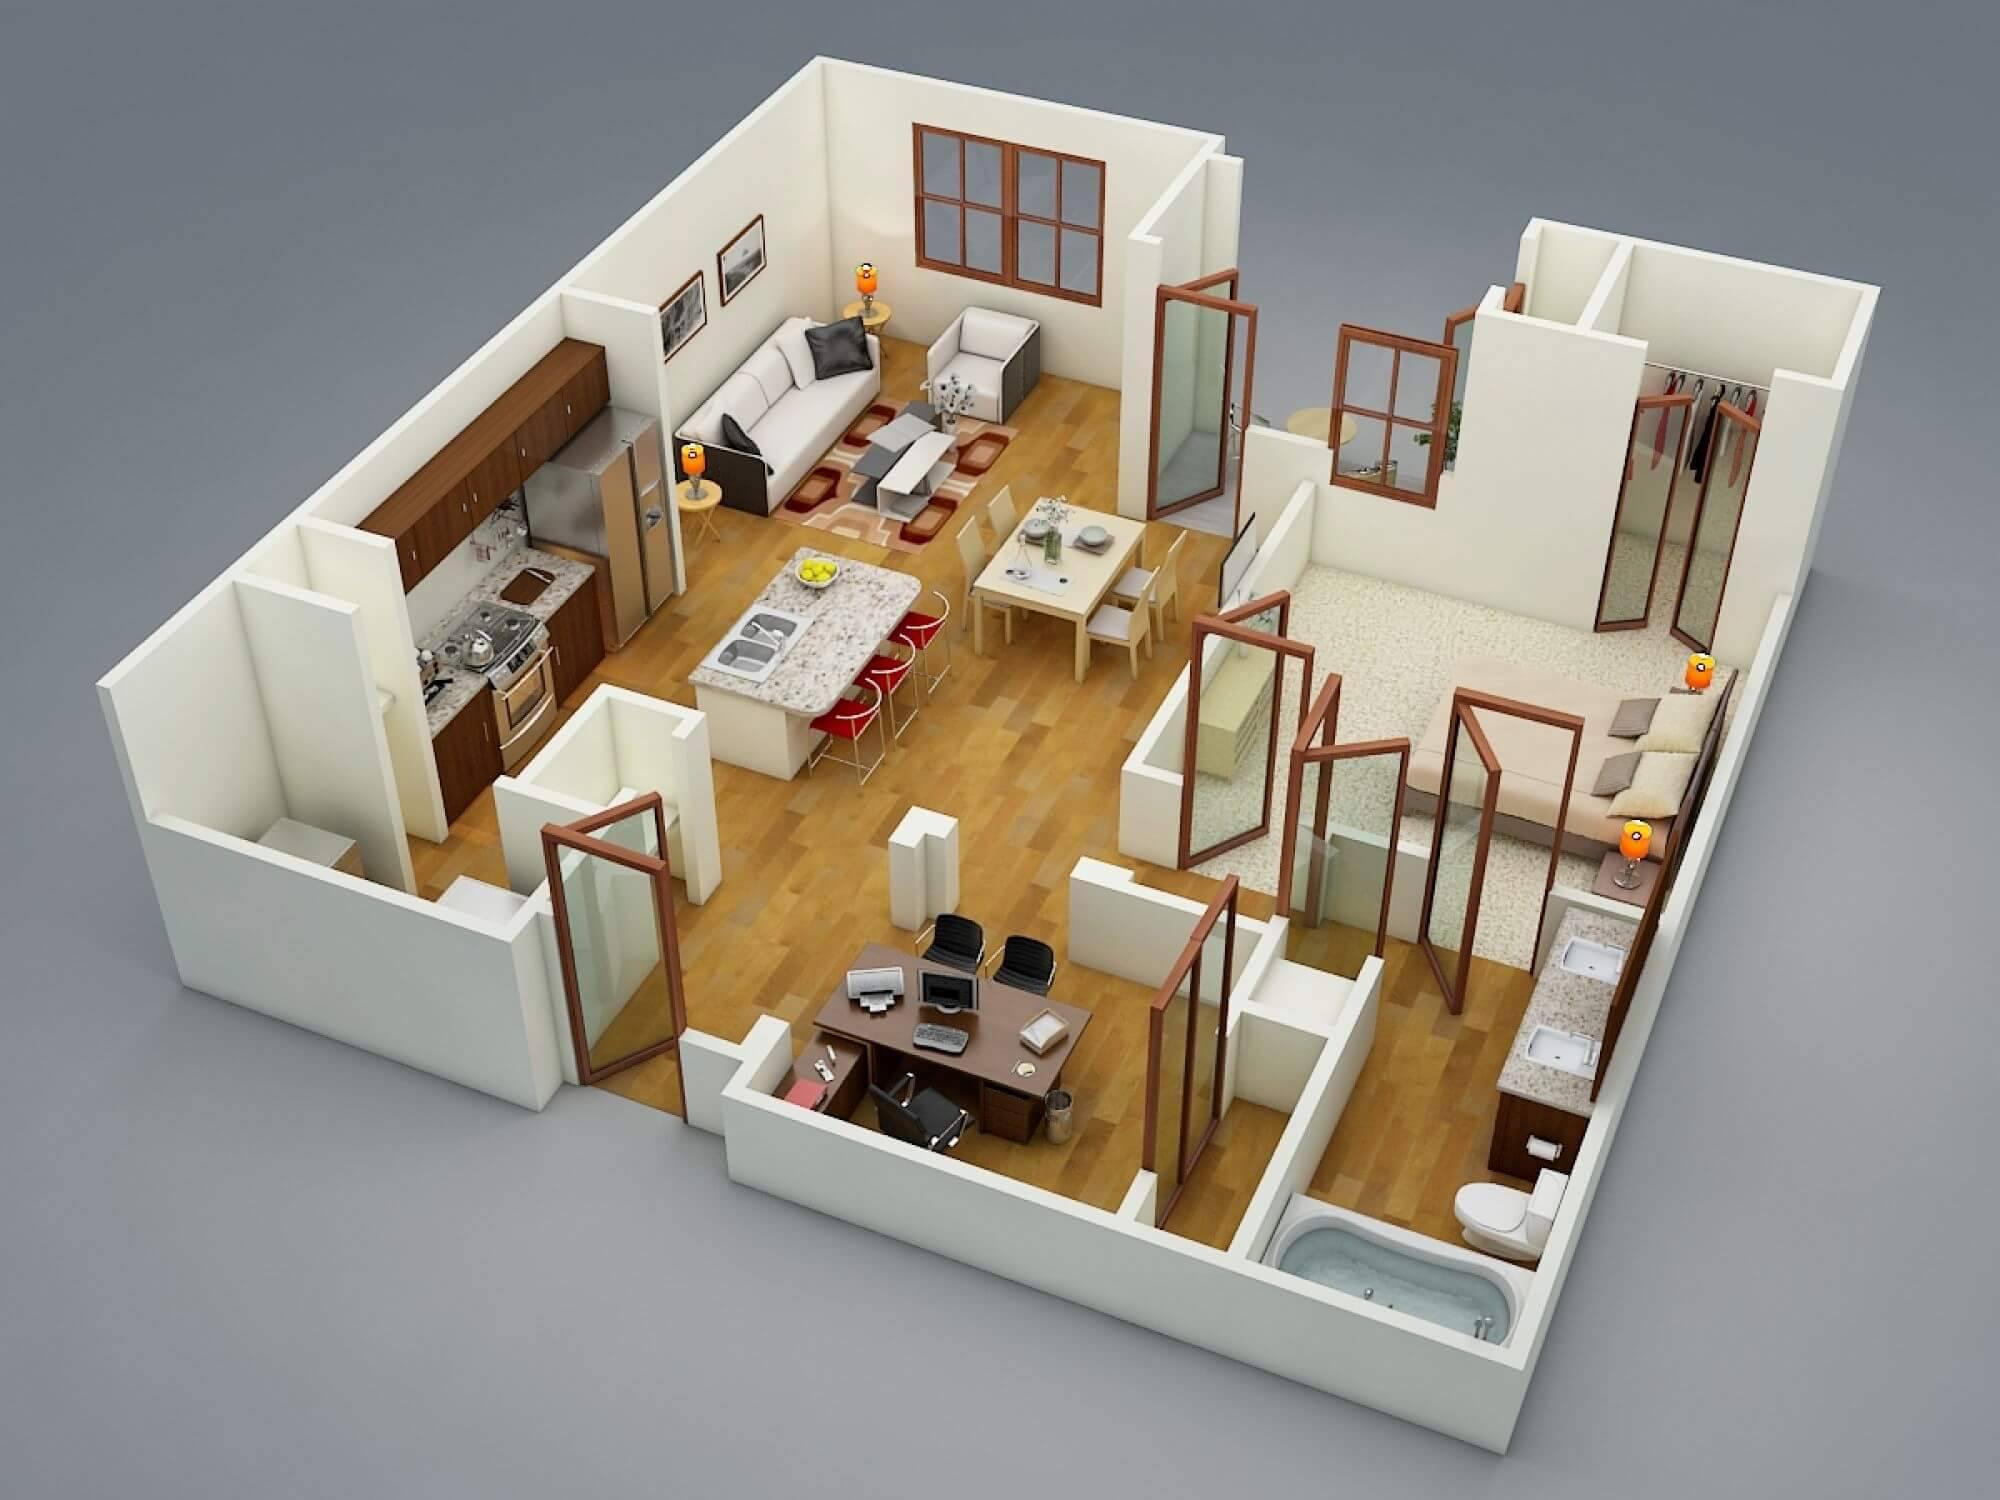 Plantas de casas com 1 quarto de casal